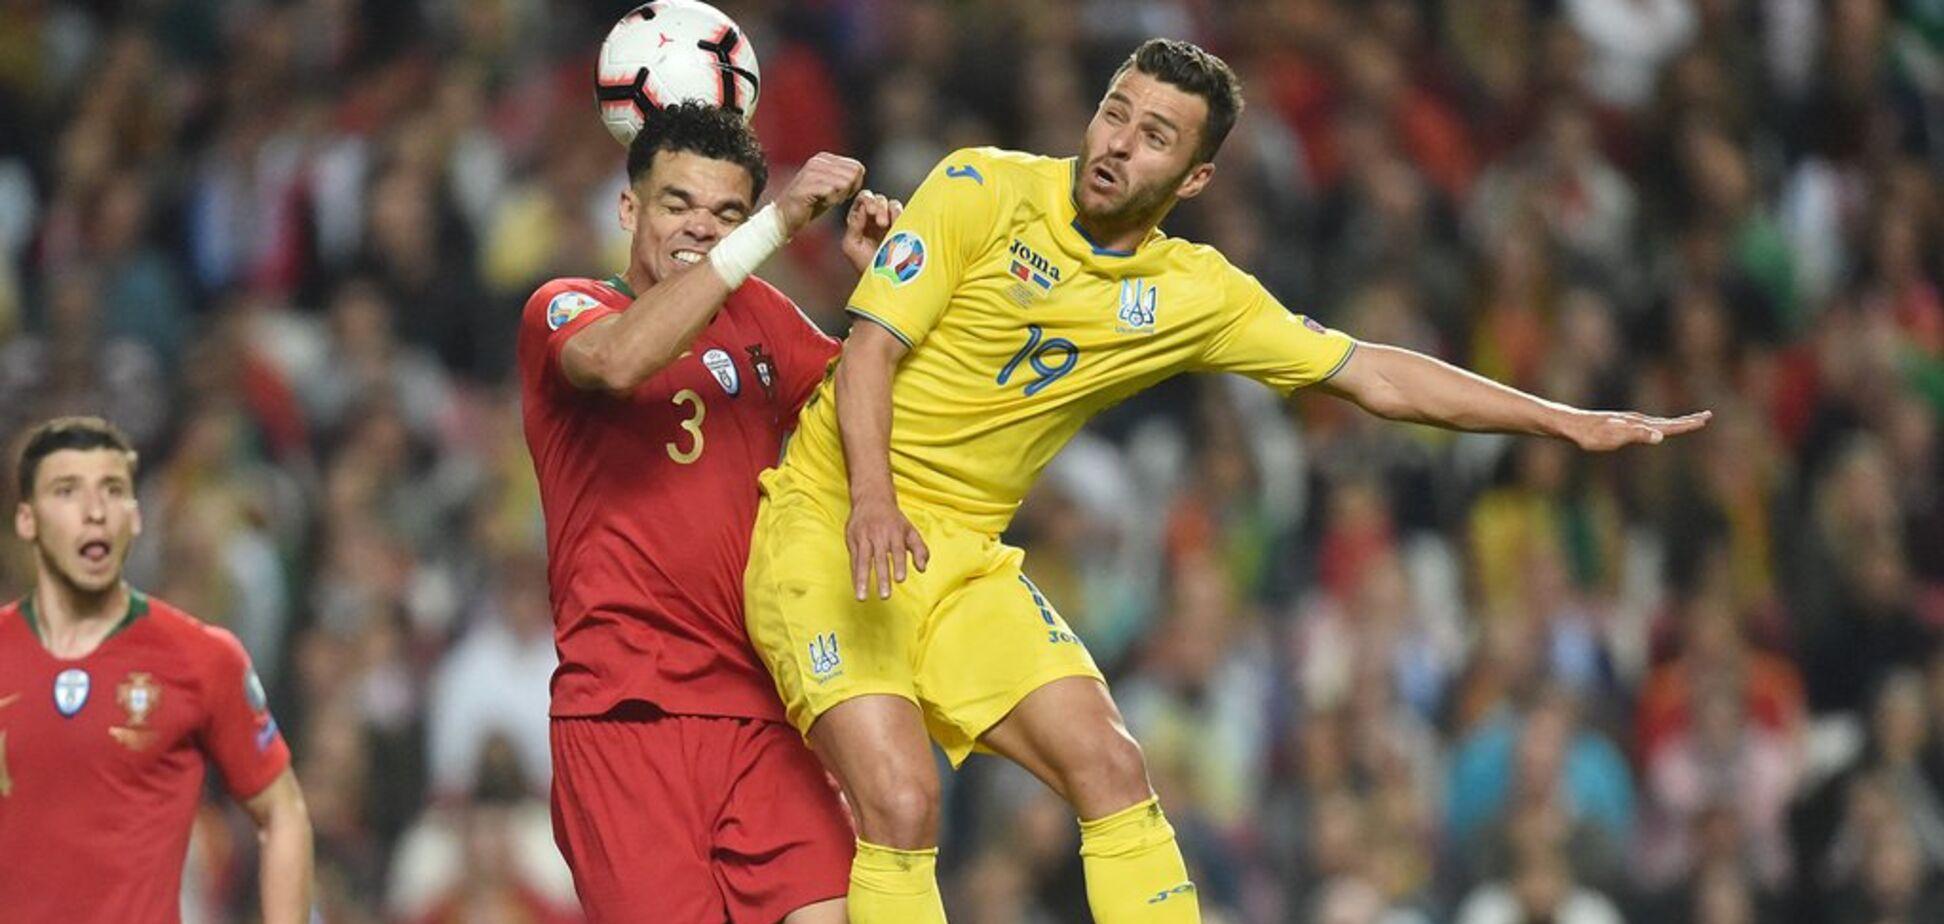 Украине хотят дать поражения 0:3 – появилась реакция ФФУ